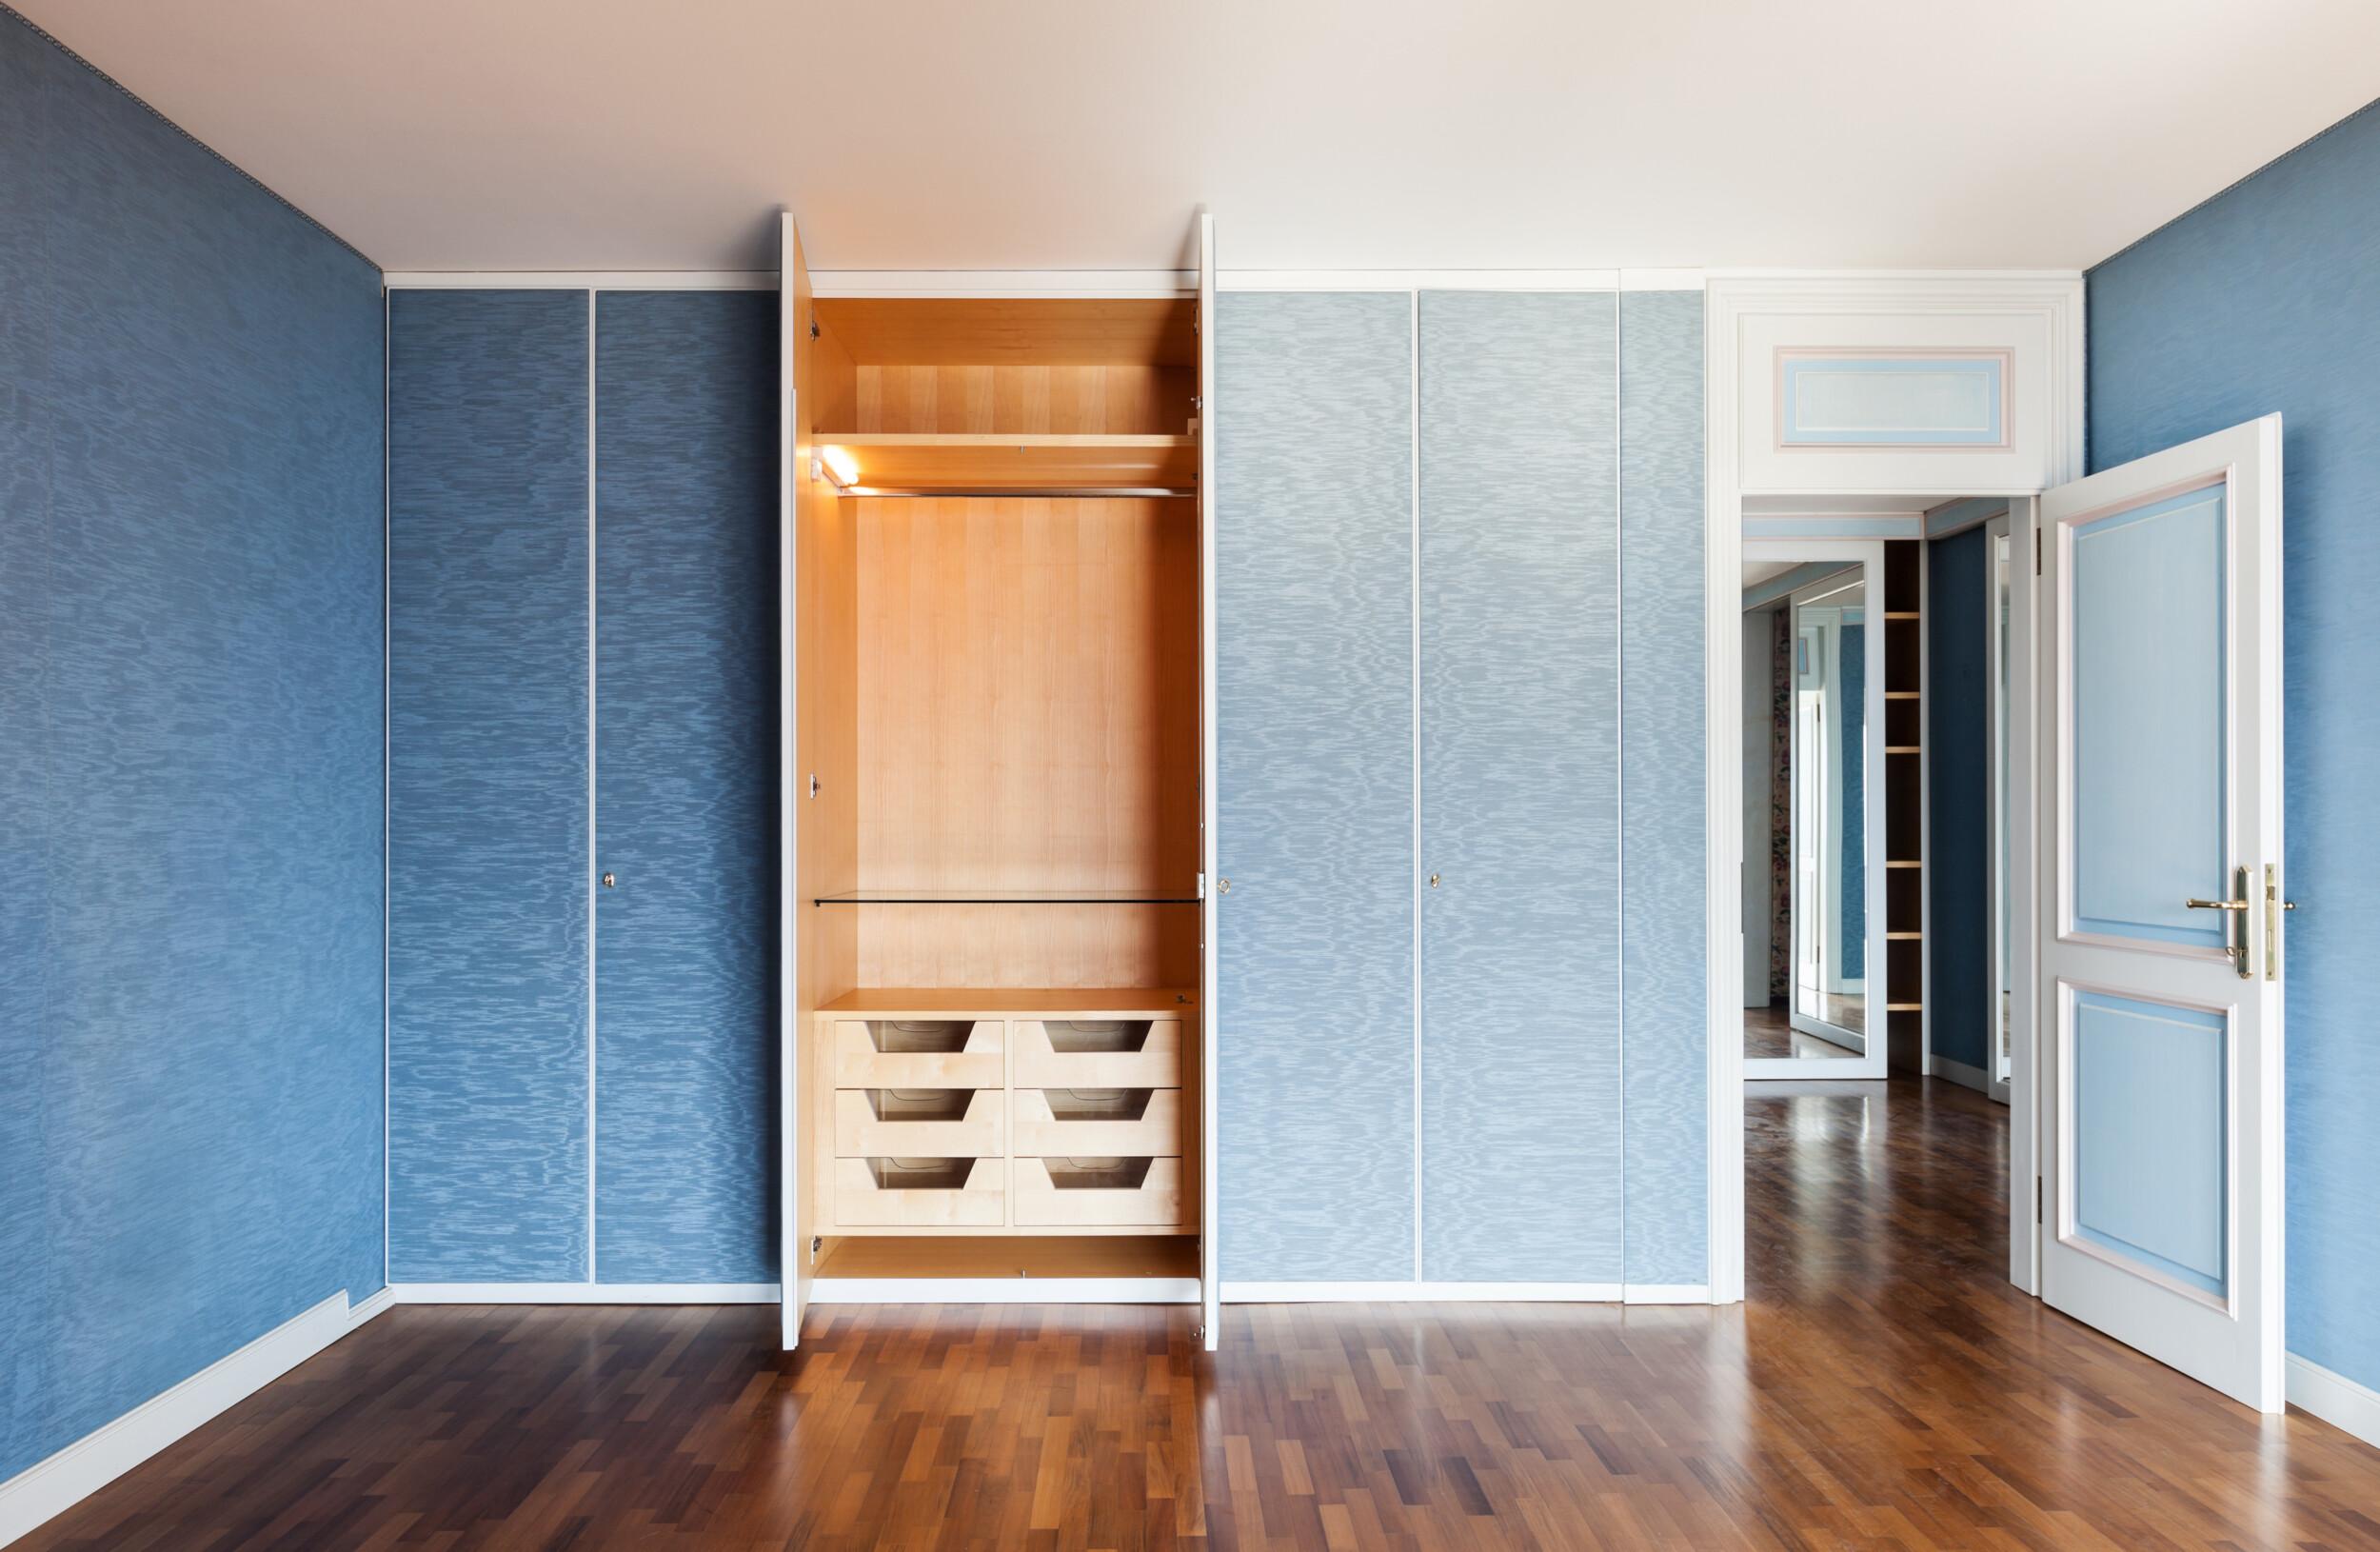 wallpapered closet doors